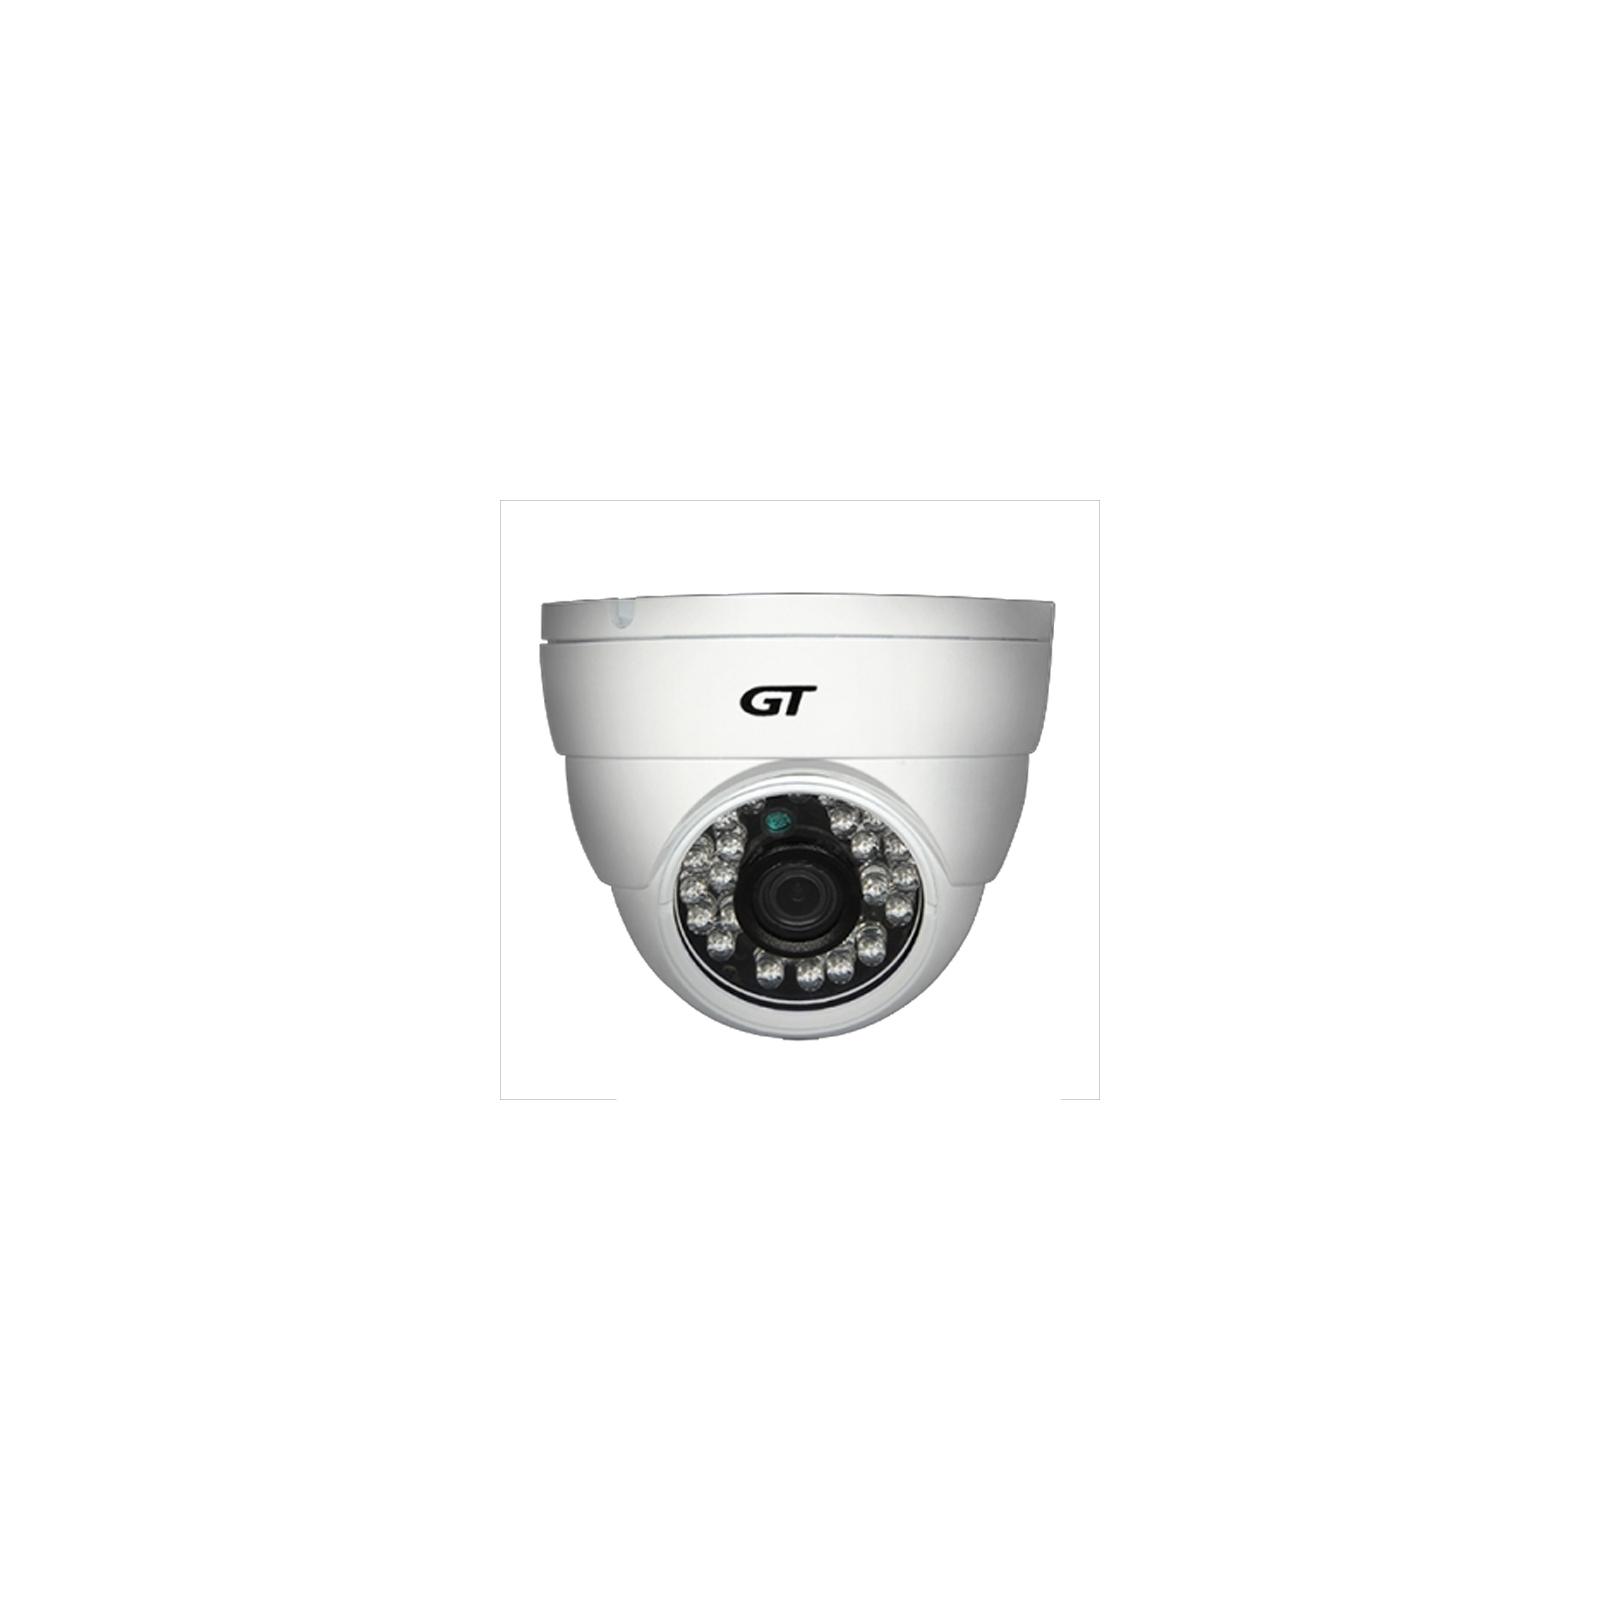 Камера видеонаблюдения GT Electronics AH101-20 изображение 2